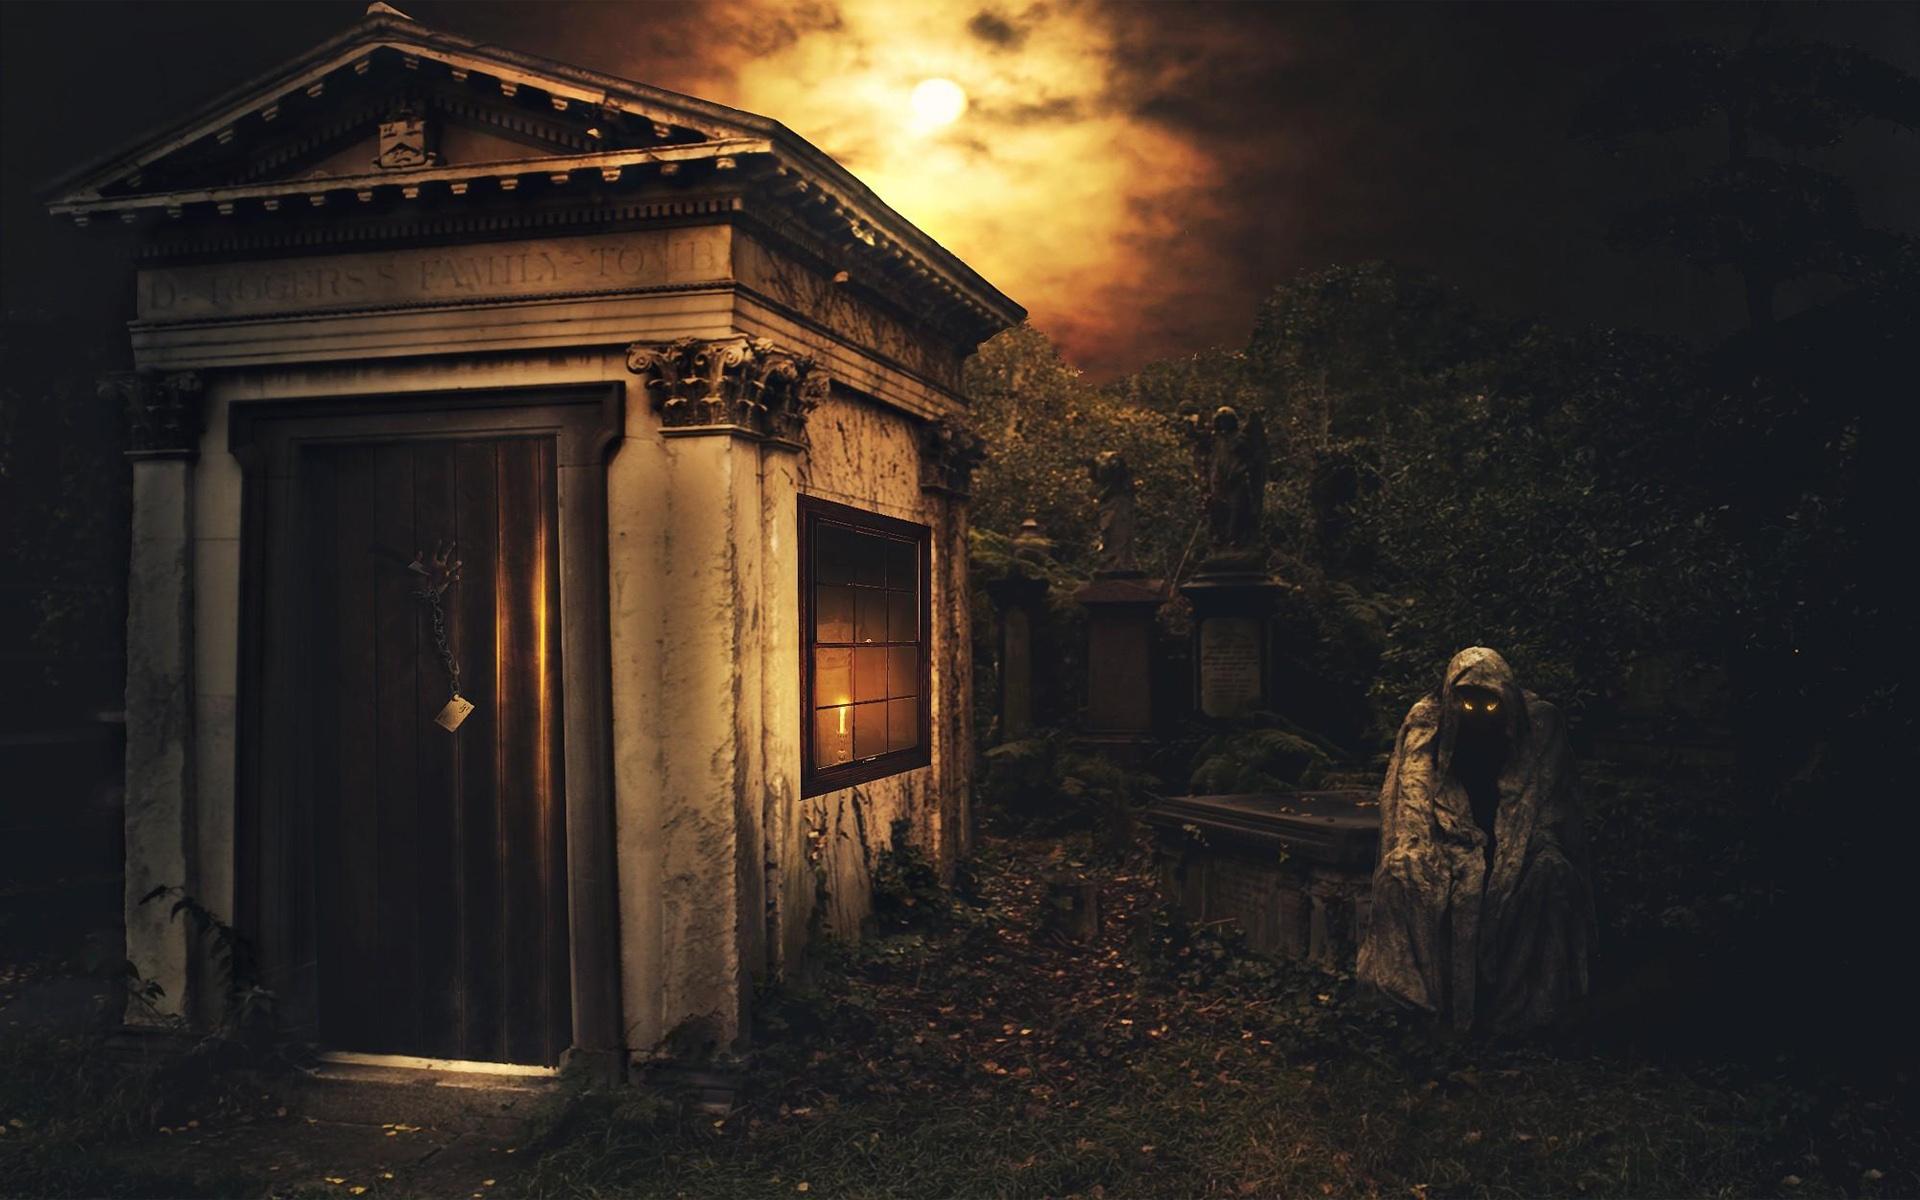 Dark Creepy 1920x1200